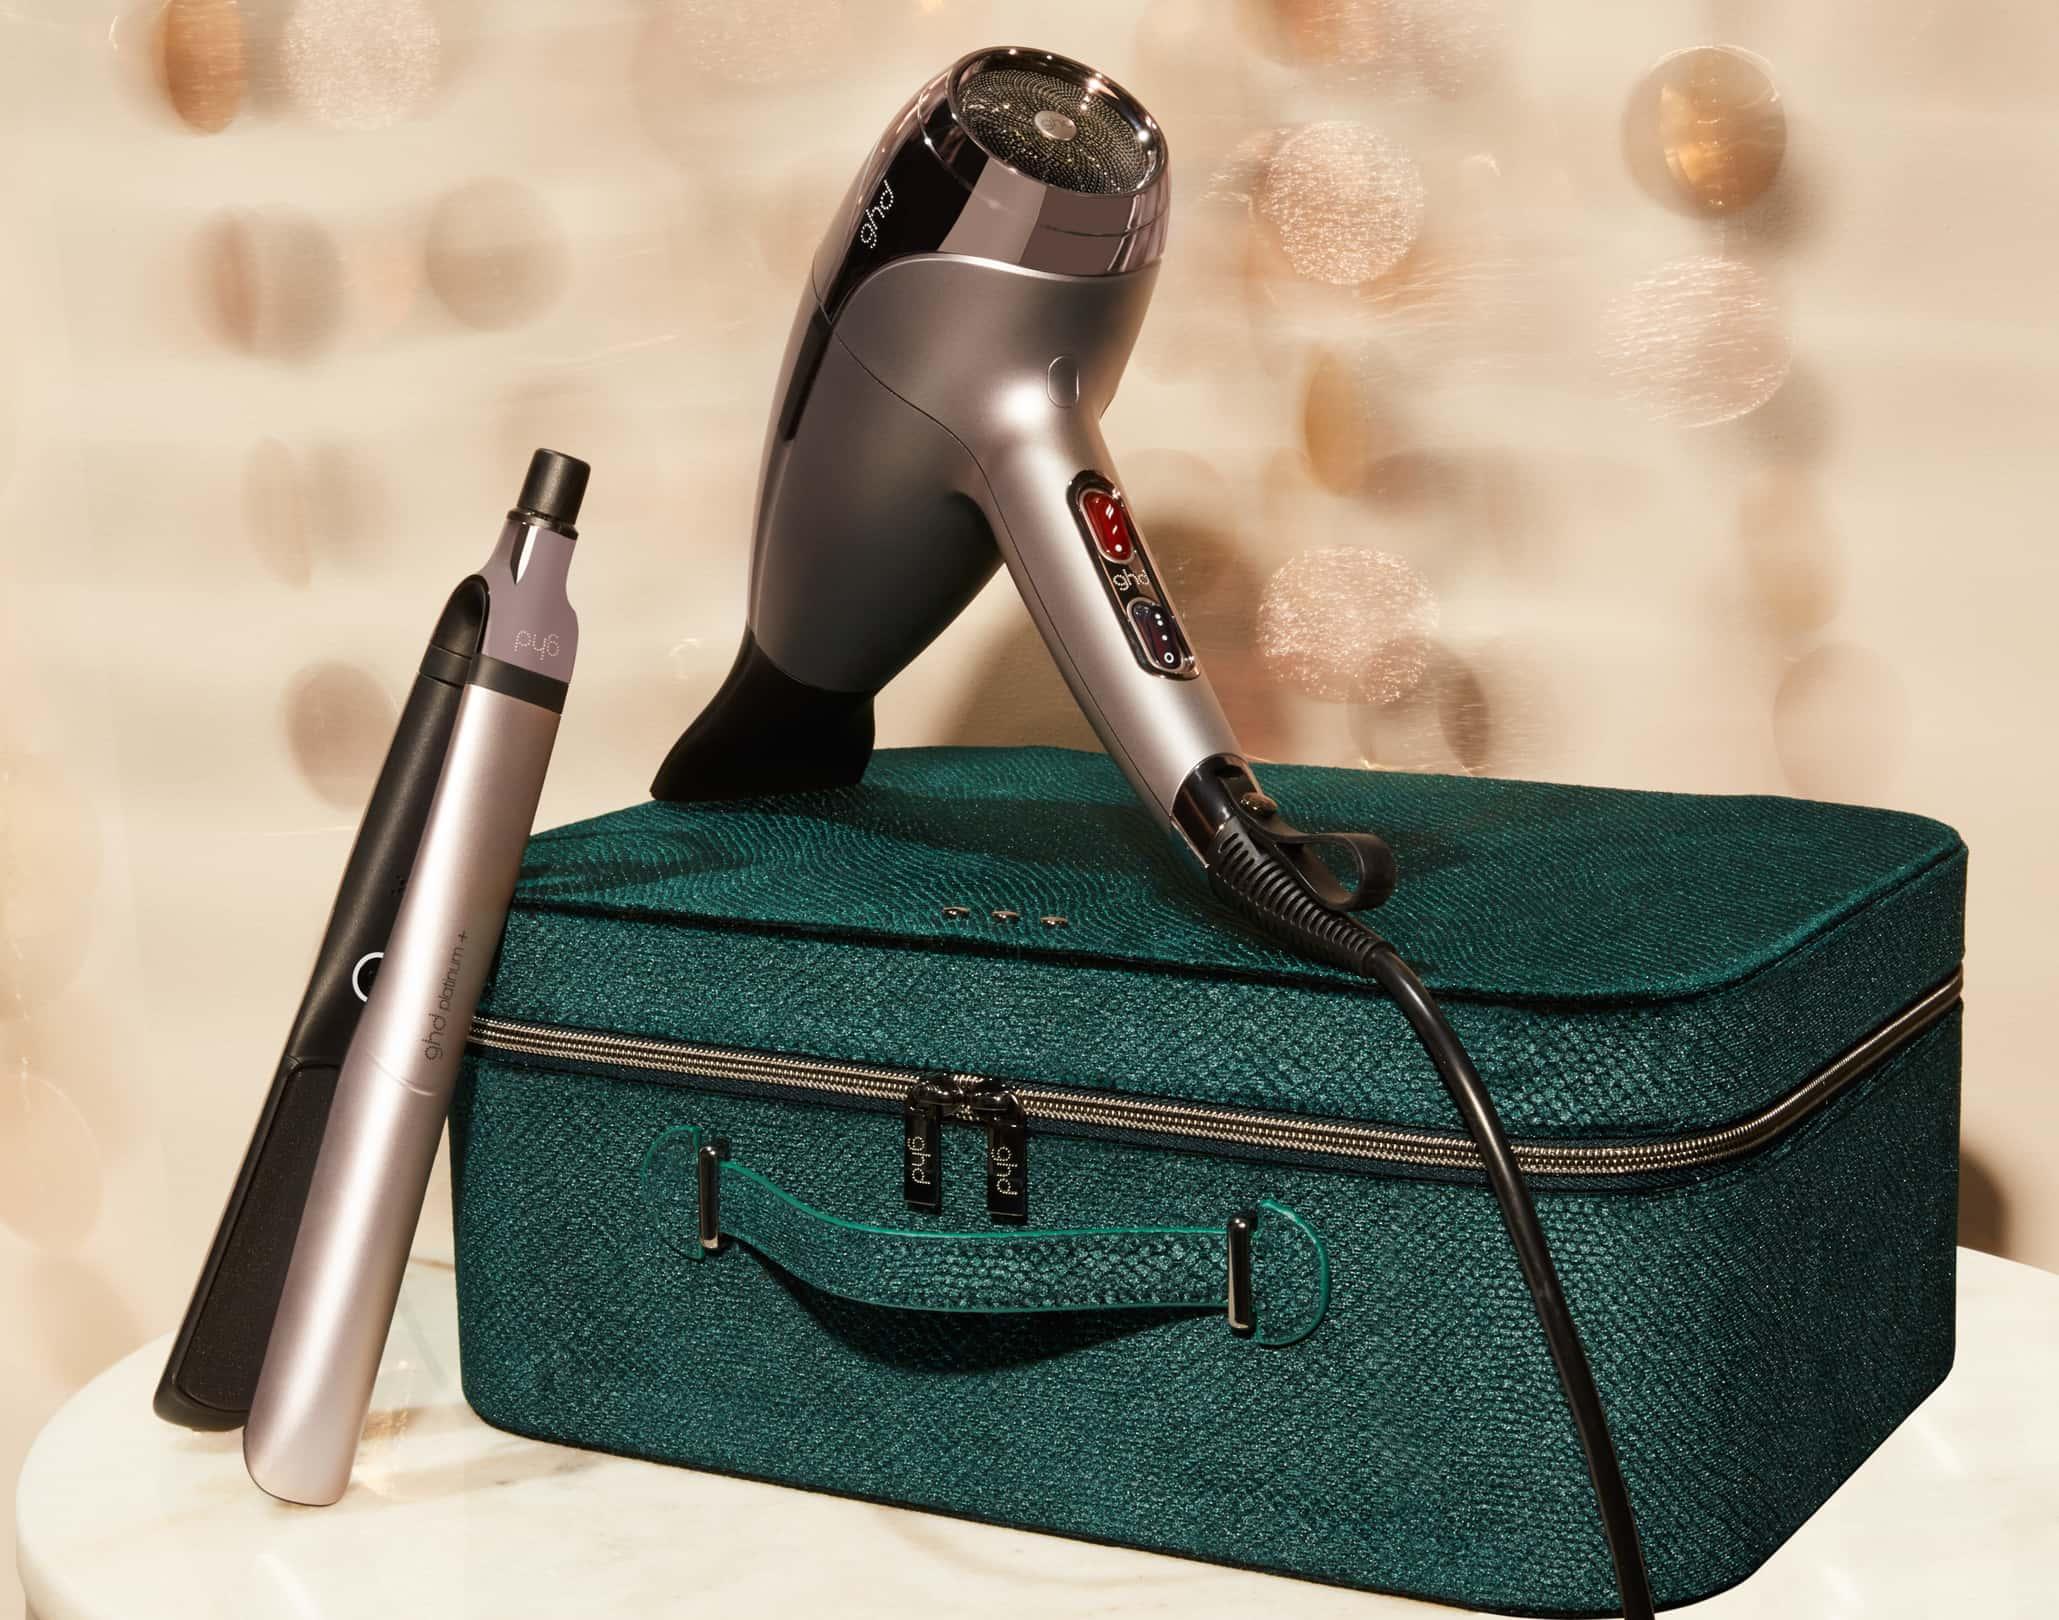 ghd helios® Haartrockner und ghd platinum+ Glätteisen in einem warmen Zinnton mit dunkelgrünem Etui